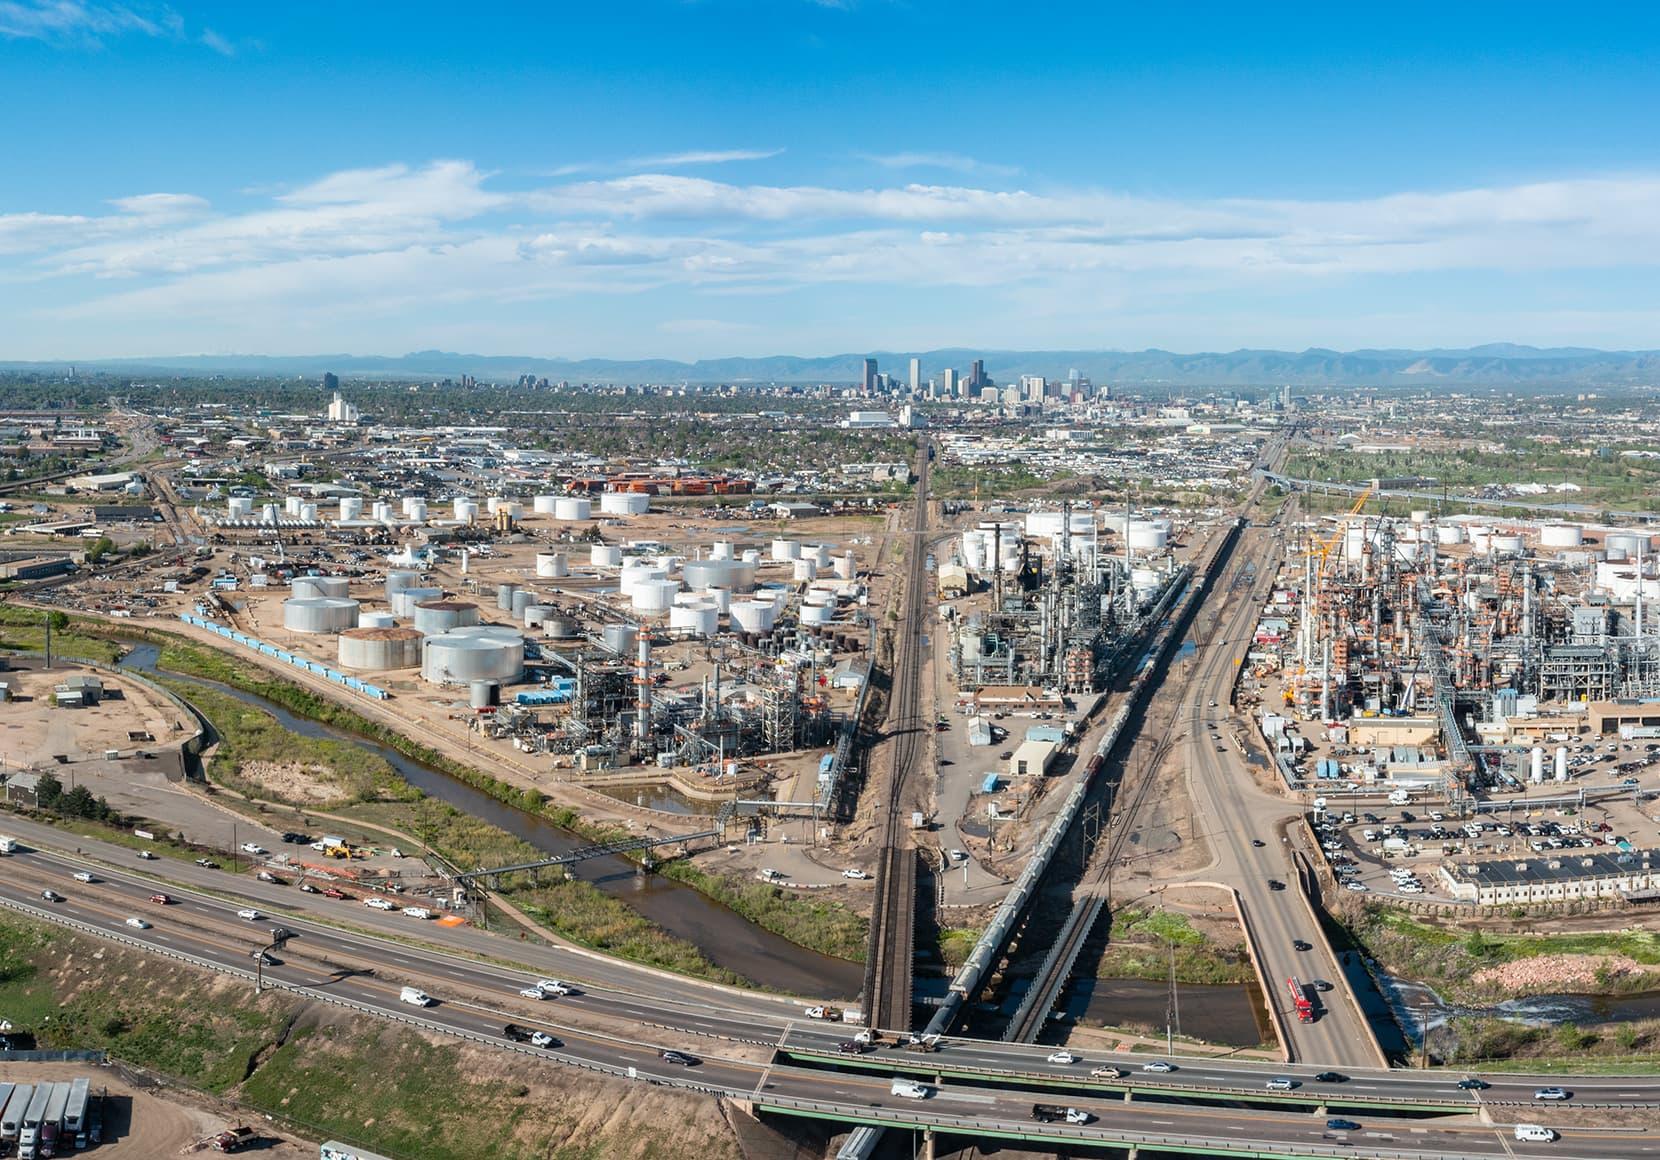 Panoramic view of Denver, Colorado.